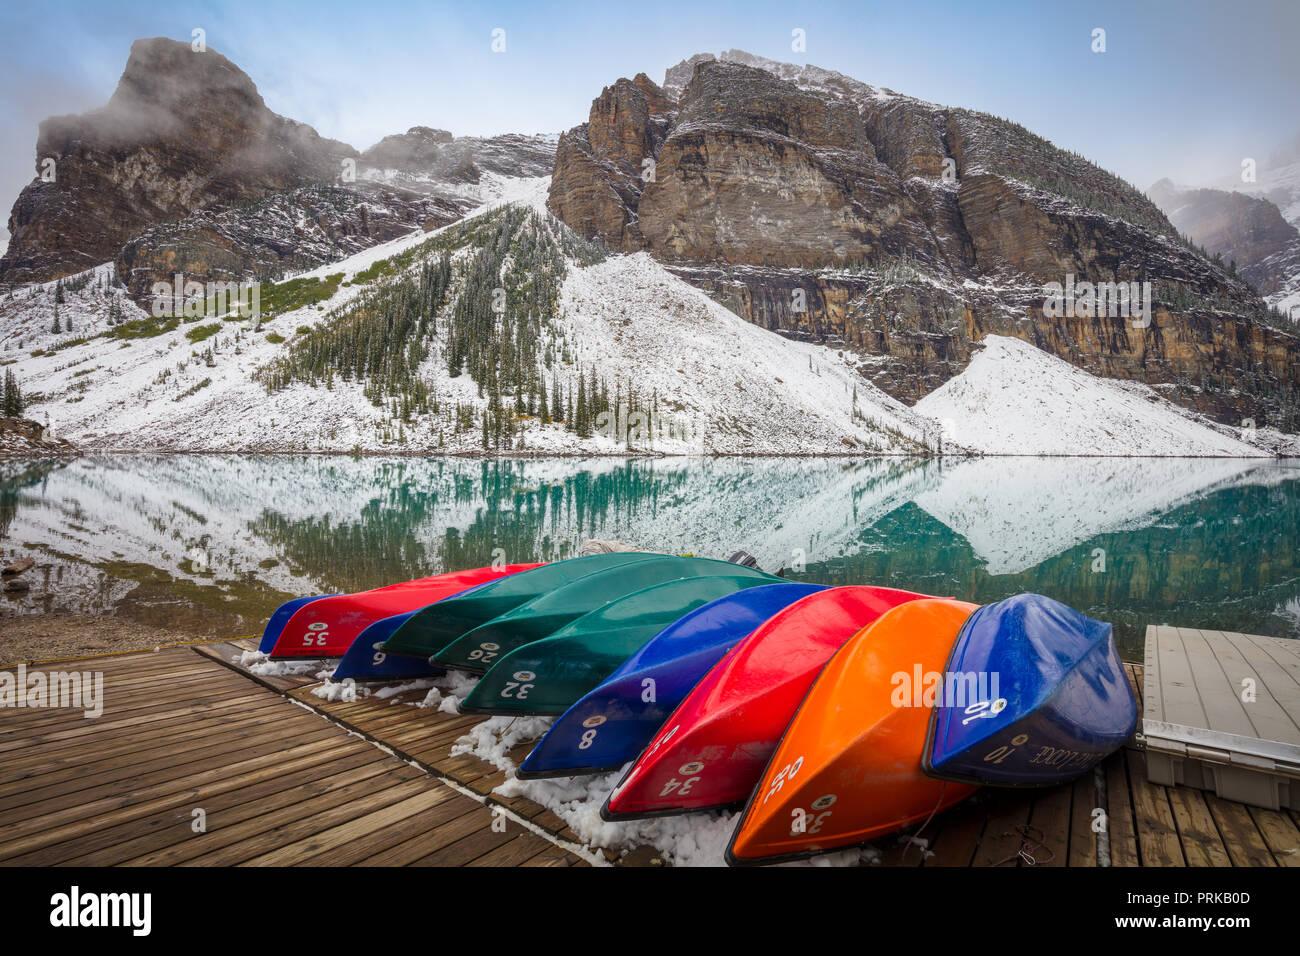 El Lago Moraine es un lago glacial y alimentado en el Banff National Park, a 14 km (8,7 millas) a las afueras del pueblo de Lake Louise, Alberta, Canadá. Imagen De Stock